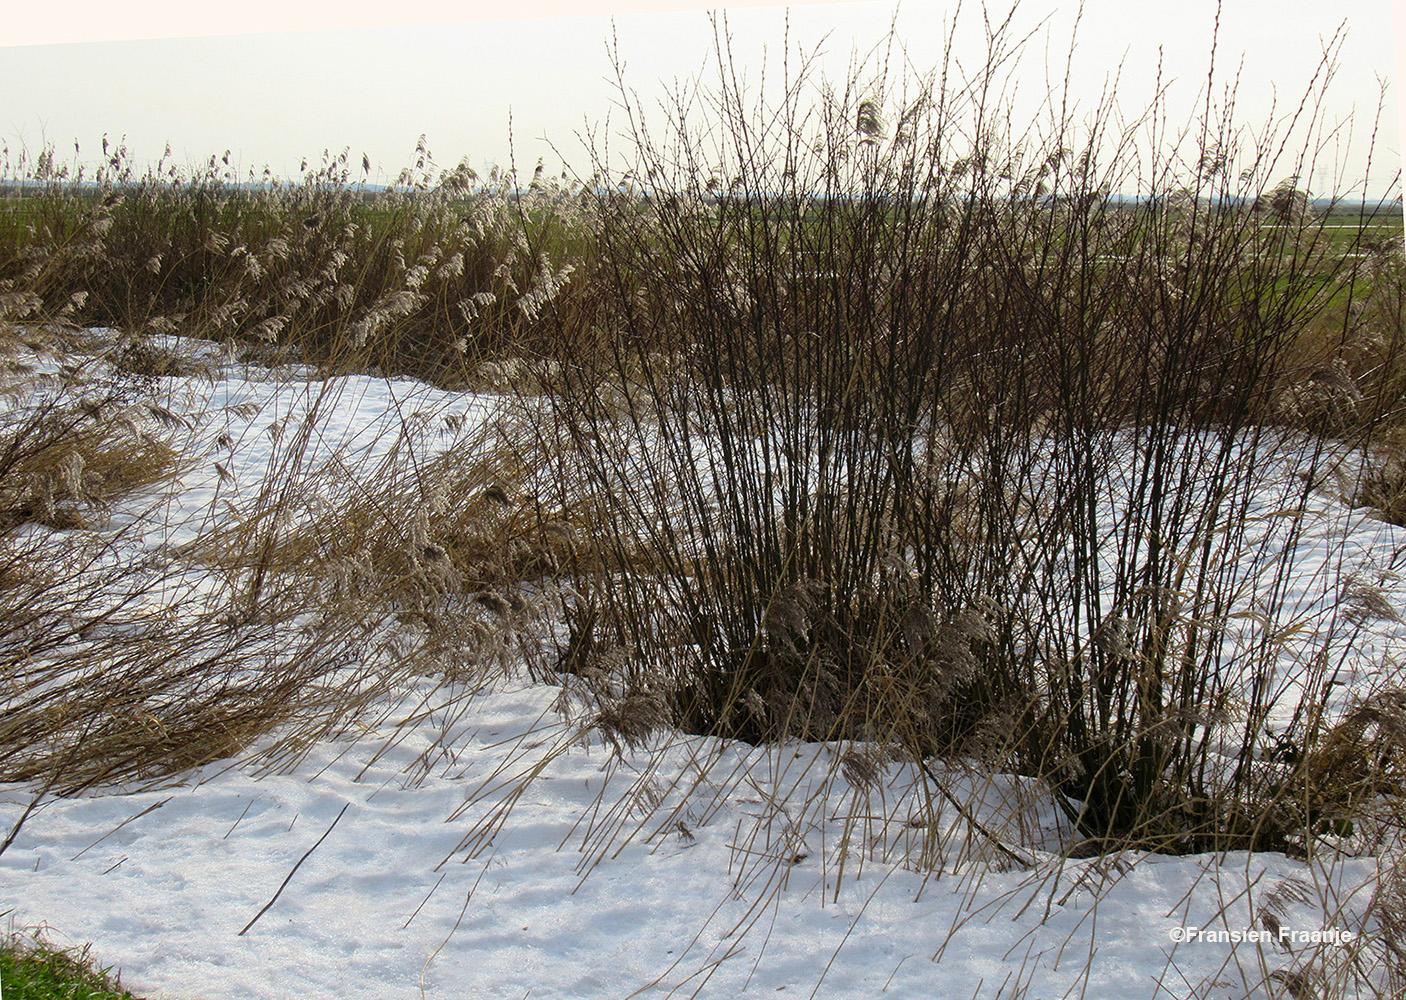 En... de sneeuw is ook hier nog niet helemaal verdwenen, wat een verschil met de bloeiende crocussen en sneeuwklokjes, maar... de Lente is in aantocht - Foto: ©Fransien Fraanje